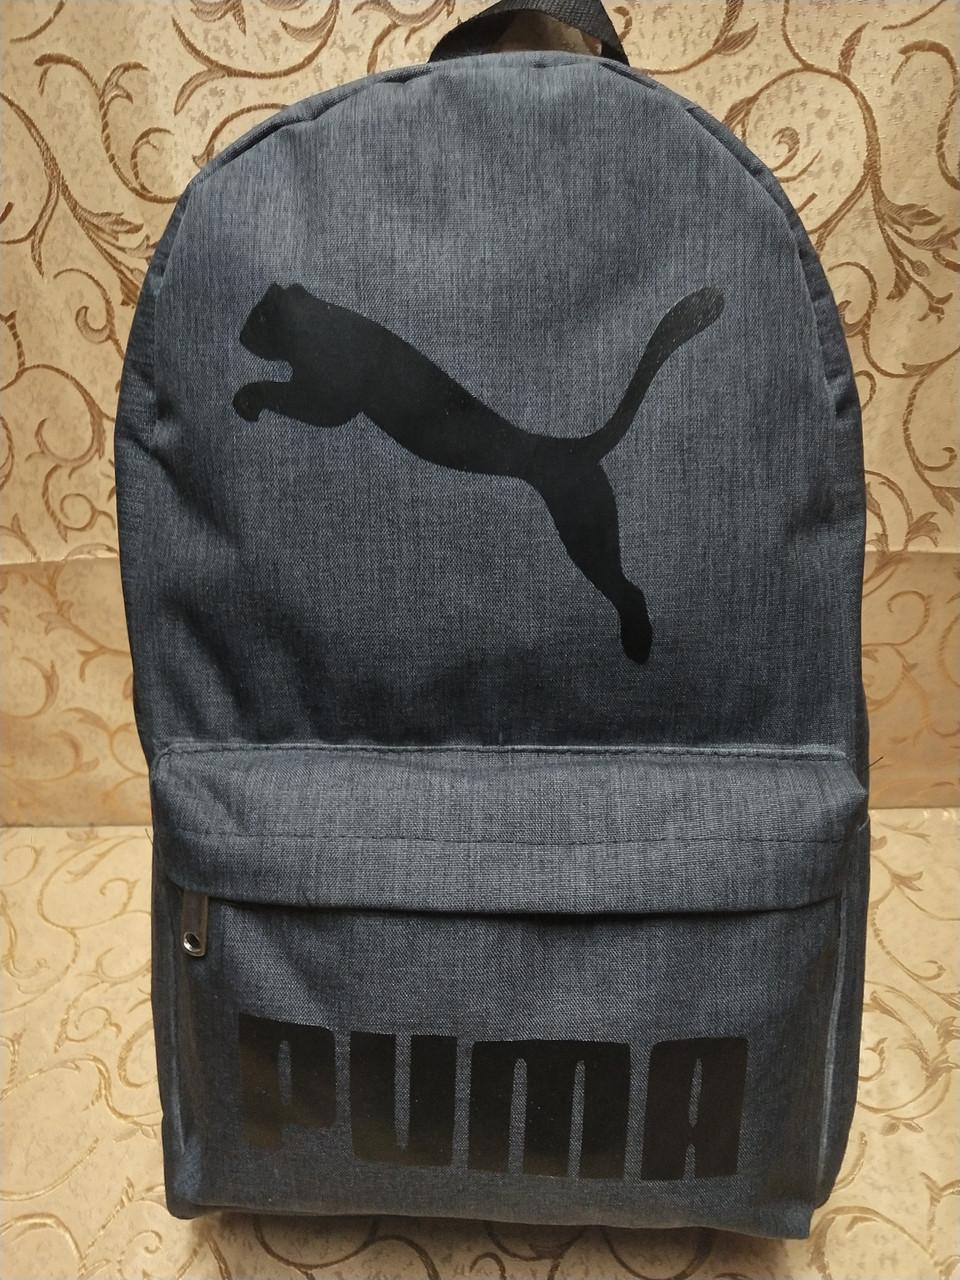 Рюкзак puma мессенджер 300D спорт спортивный городской стильный Школьный рюкзак только опт